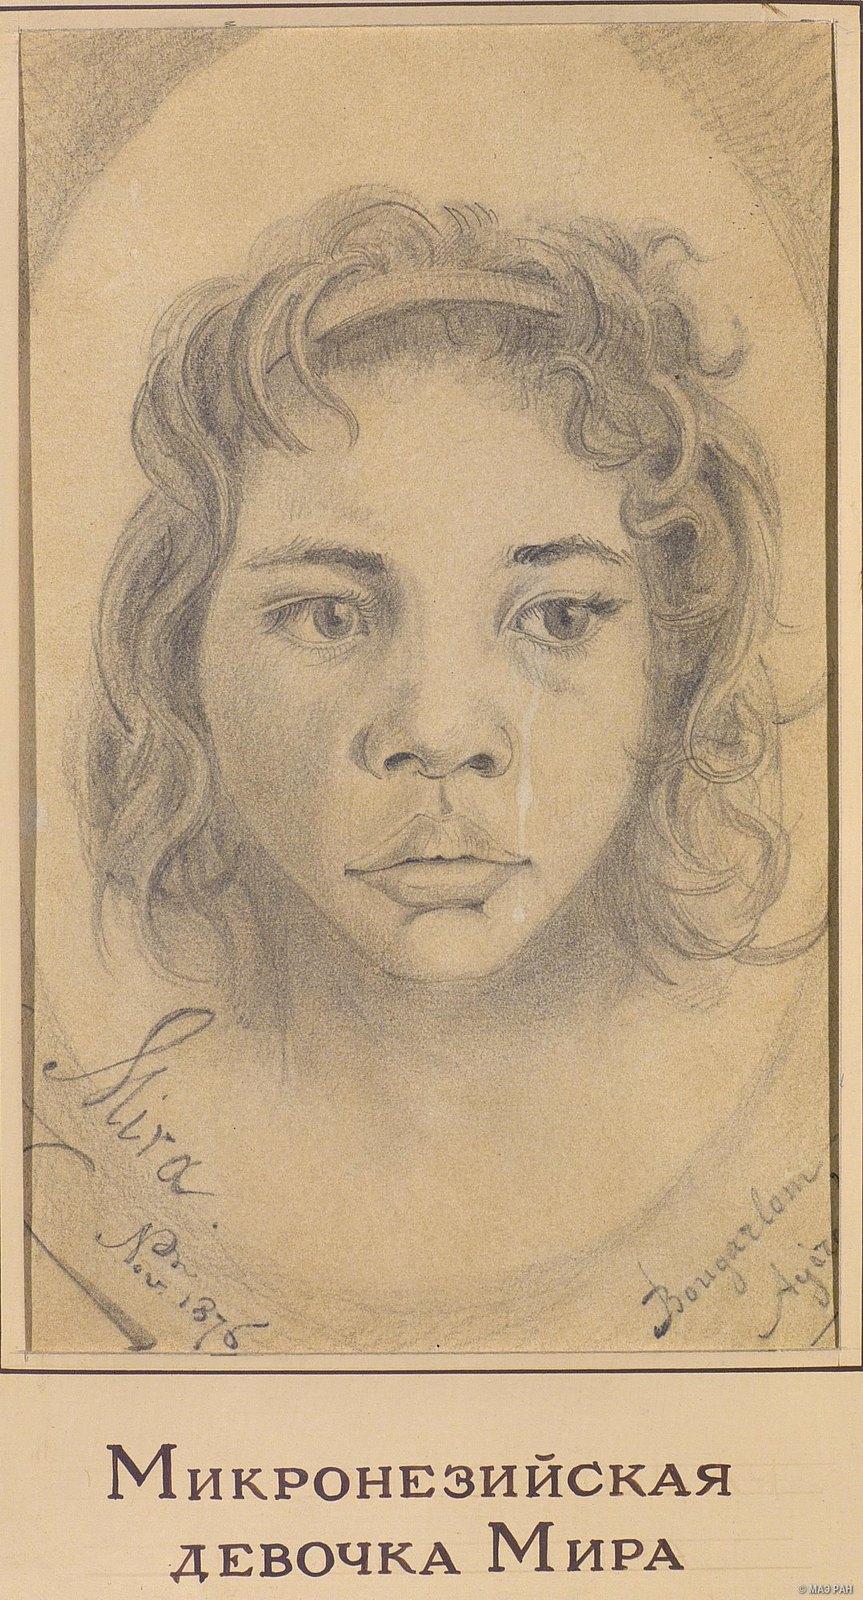 1876. Микронезийская девочка Мира. Микронезийцы, ноябрь